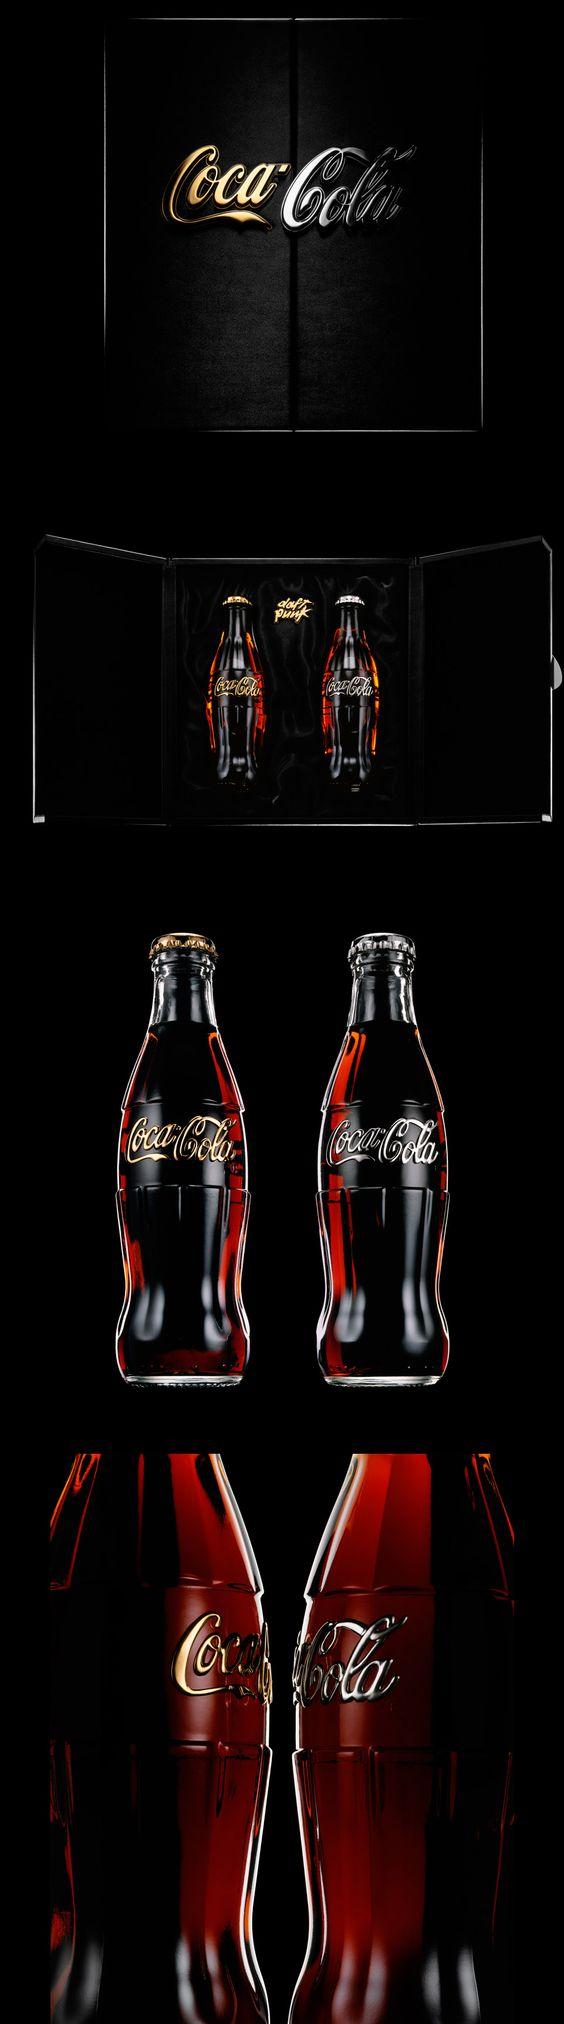 Embalagem de Coca Cola especial Daft Punk.